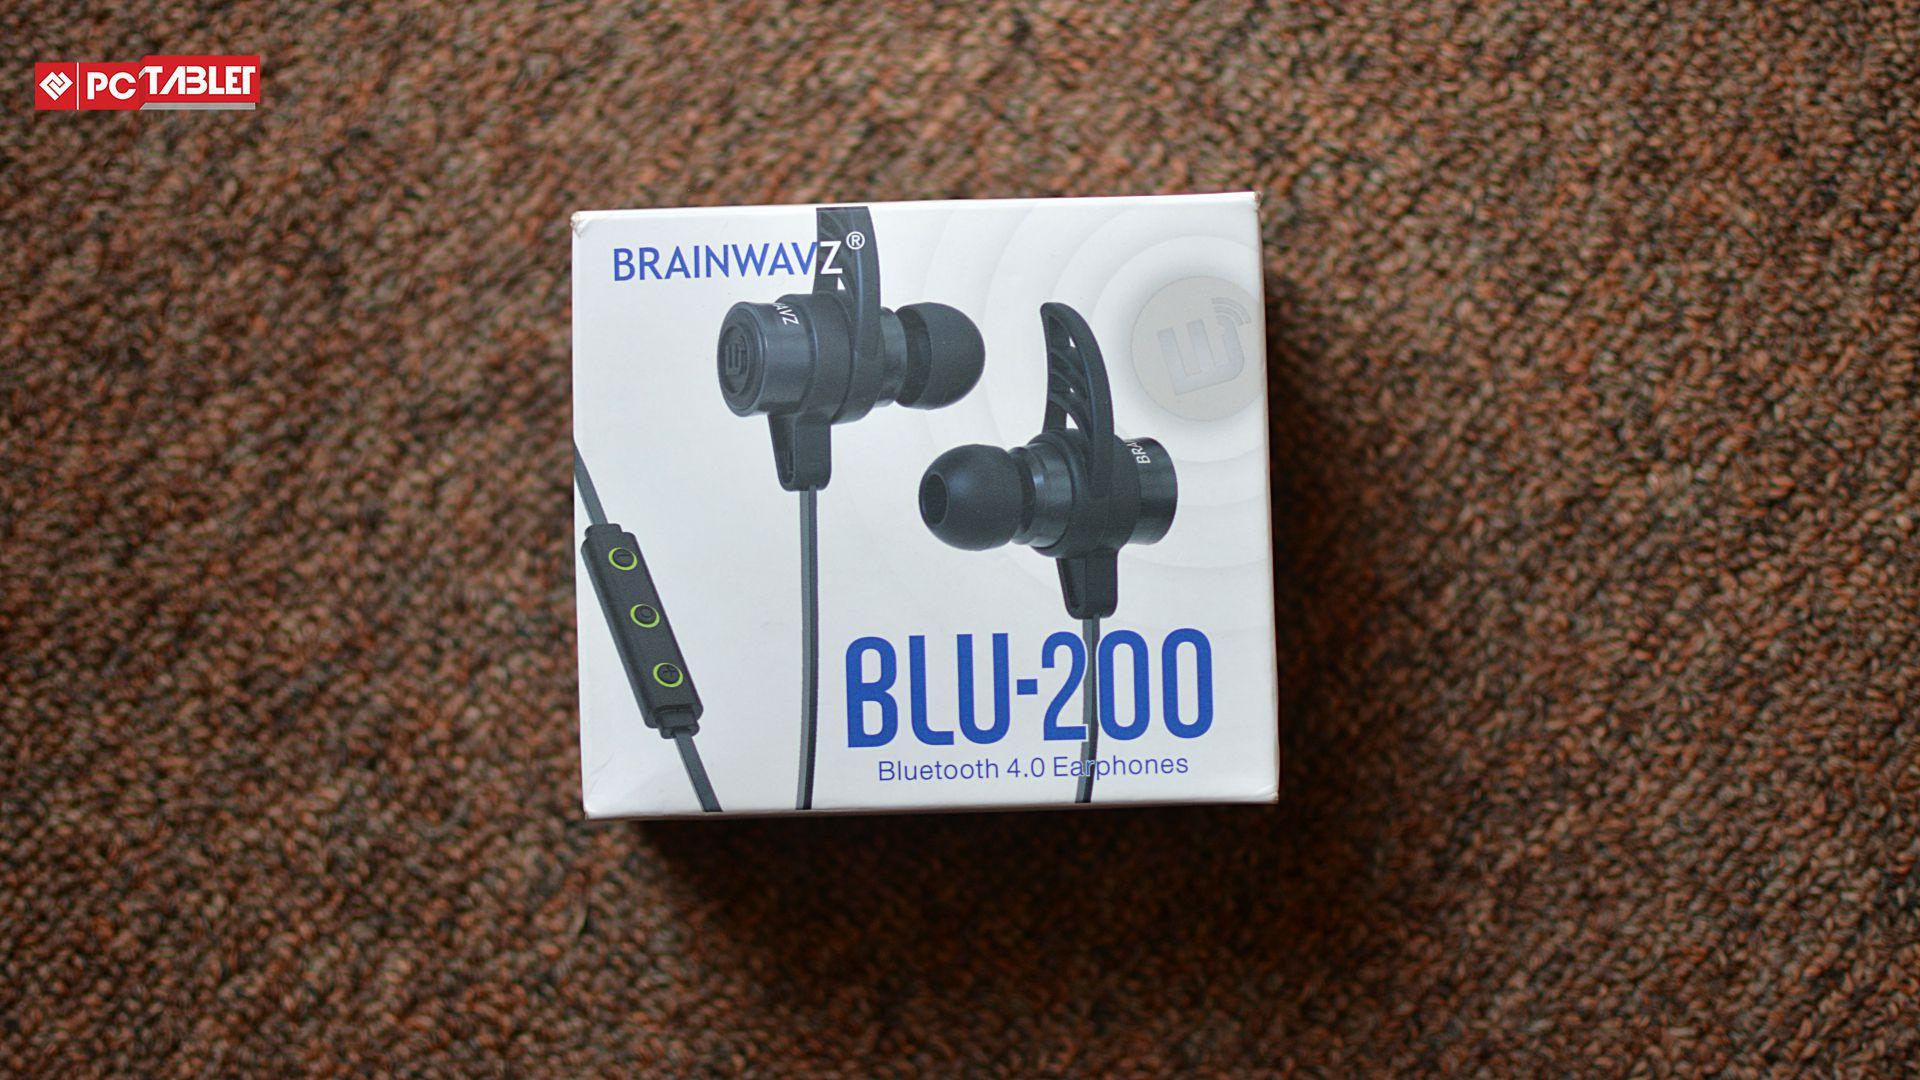 Brainwavz BLU-200 (1)